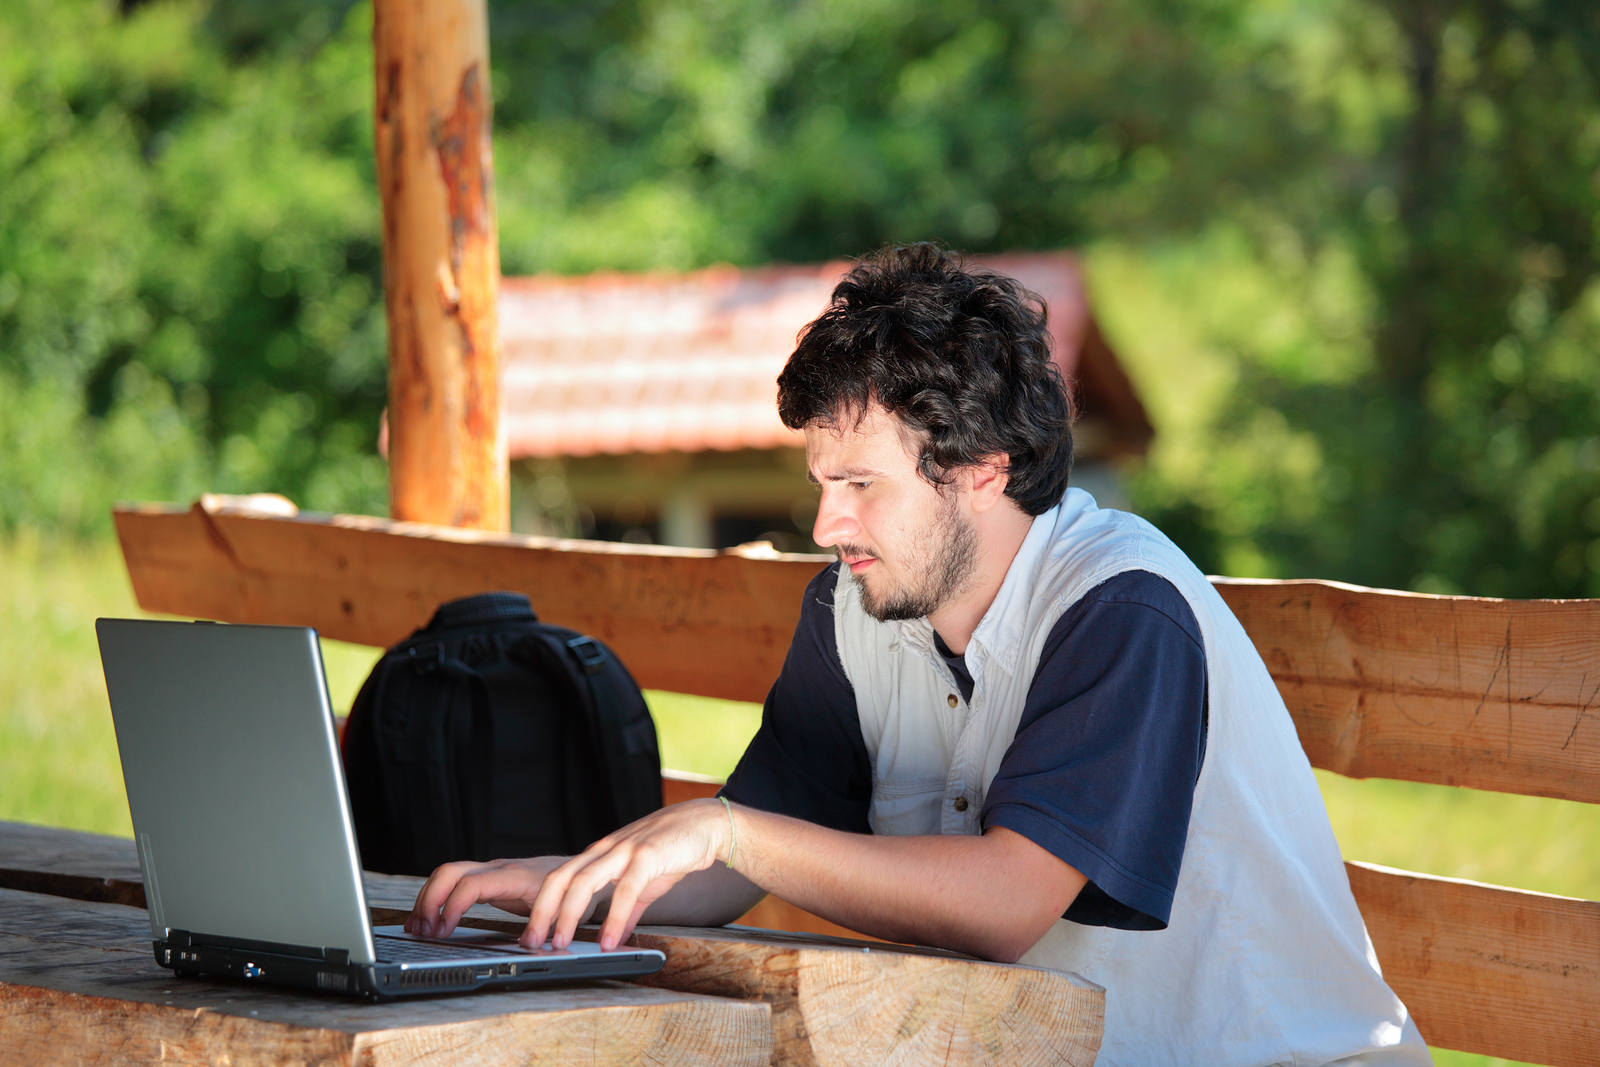 El deseo y la necesidad de obtener credenciales alternativas va en aumento. Plataformas como edX y Coursera están madurando y el mercado laboral comienza a reconocer sus certificaciones. -